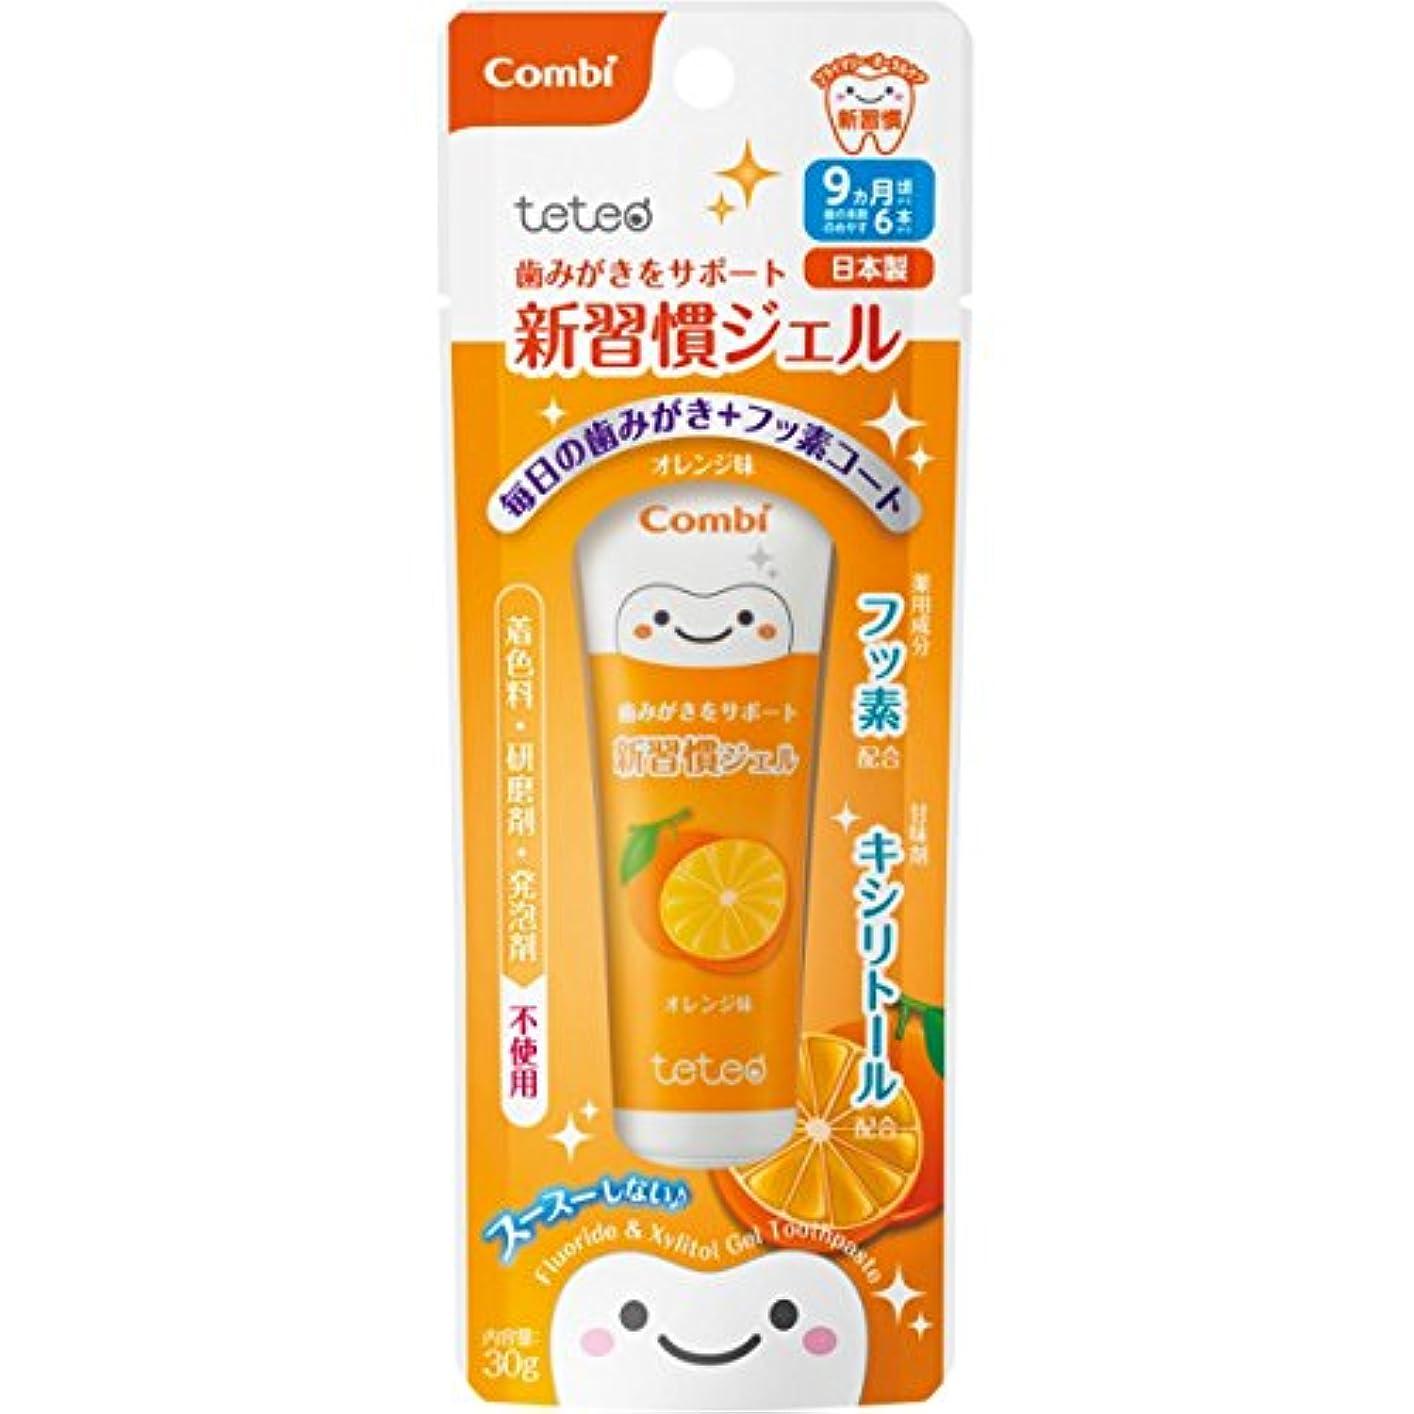 おなじみの合図祭司【テテオ】歯みがきサポート 新習慣ジェル オレンジ味 30g×3個